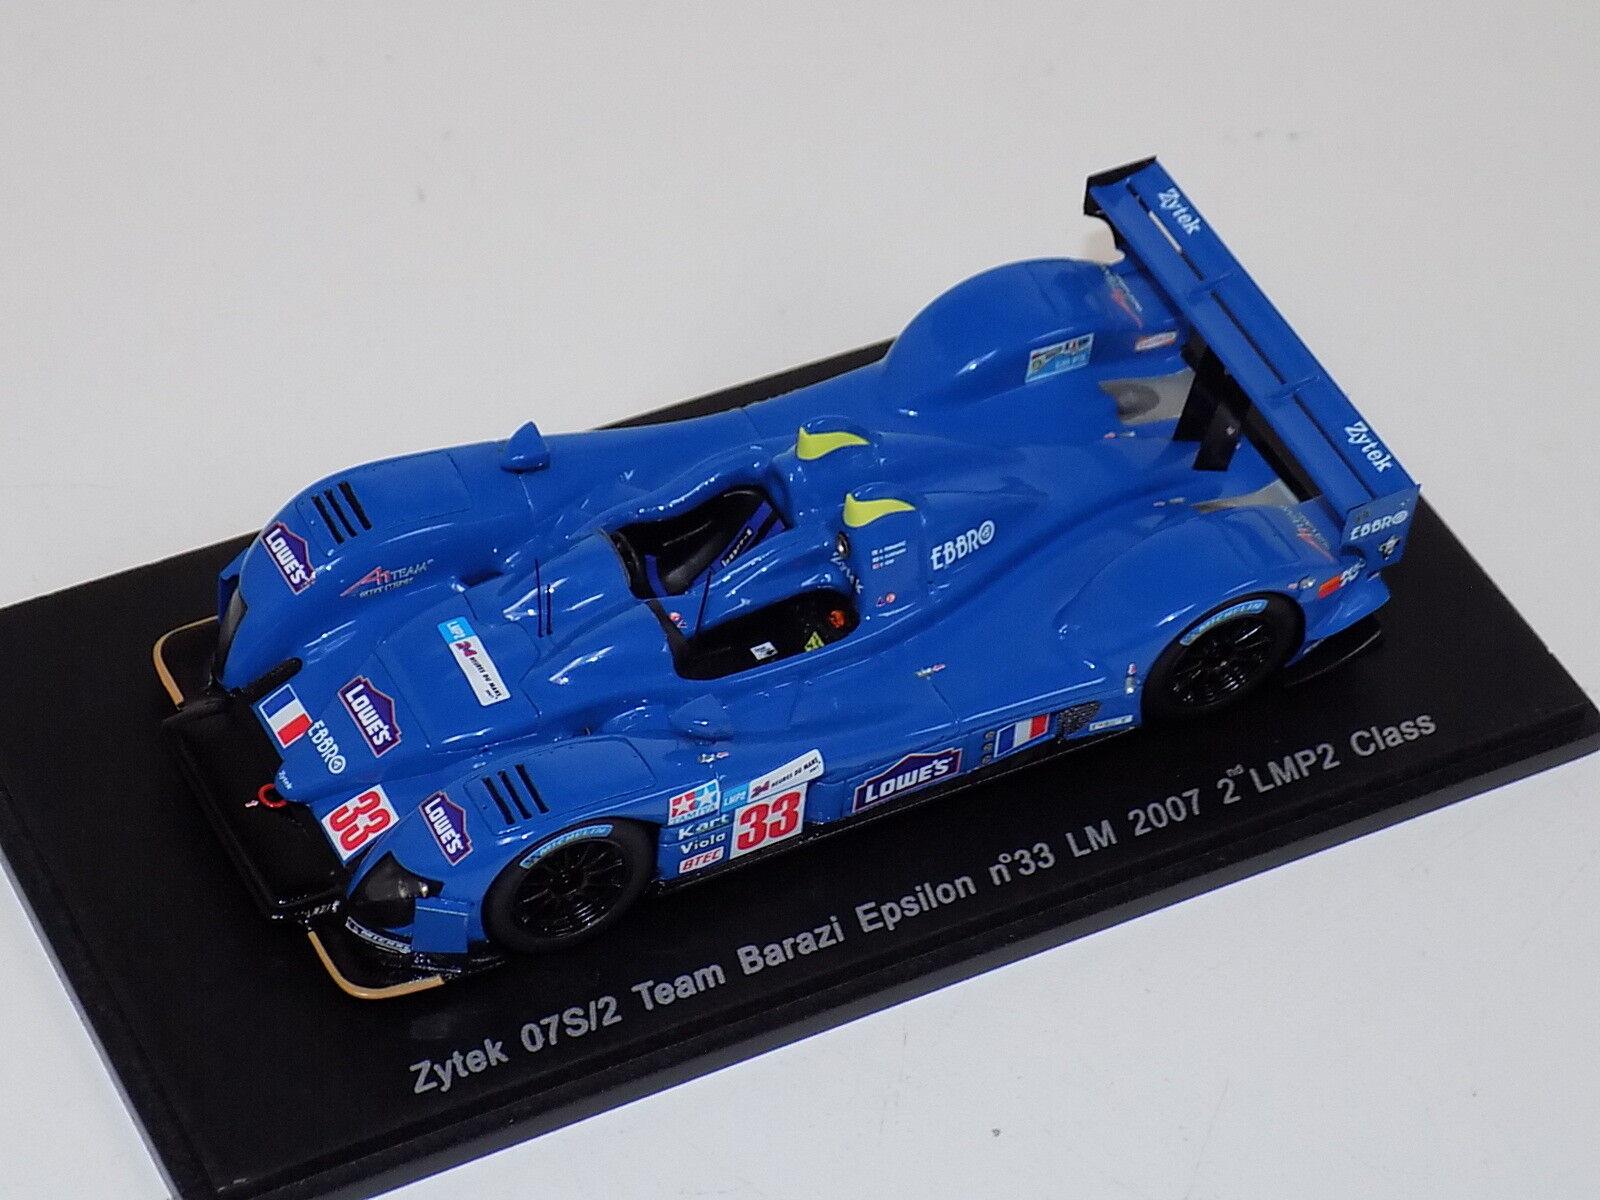 servicio honesto 1 43 43 43 Spark Zytek 07S 2 coche  33. 2nd LMP2 24 horas de LeMans 2007 S1423  Ahorre 60% de descuento y envío rápido a todo el mundo.